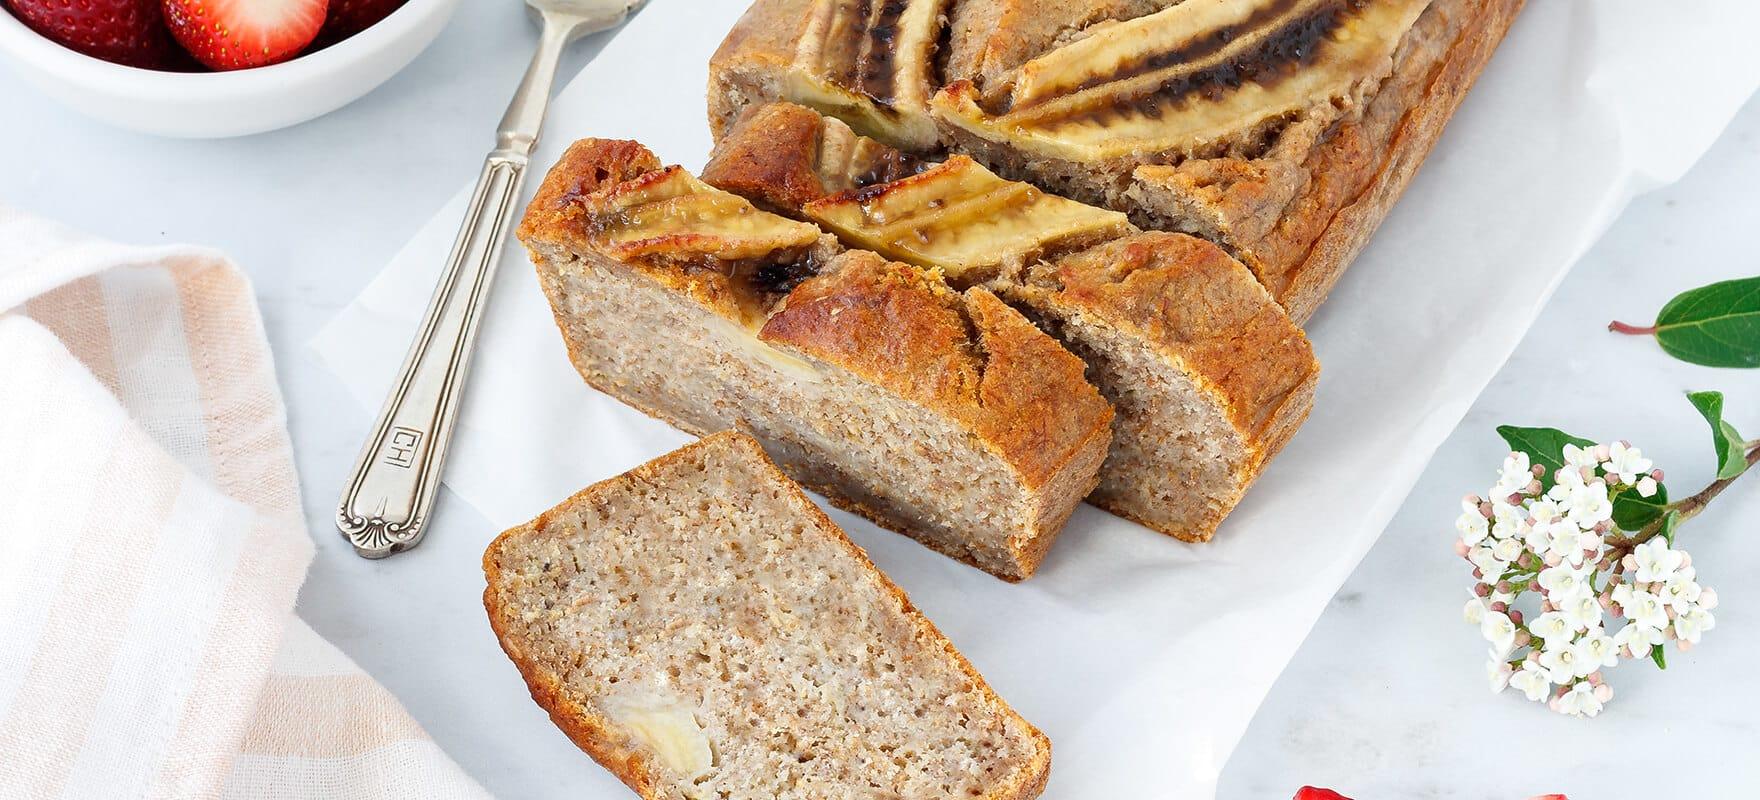 Banana bread image 1